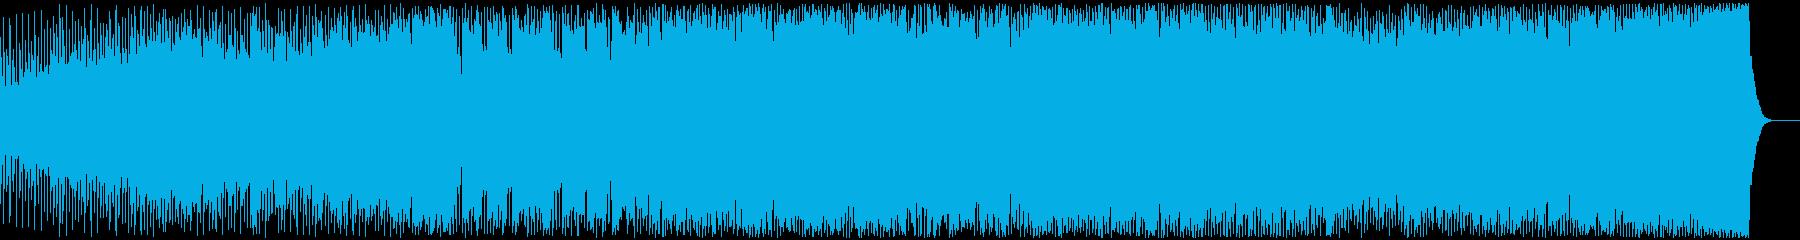 迫力とスピード感の現代音楽の再生済みの波形